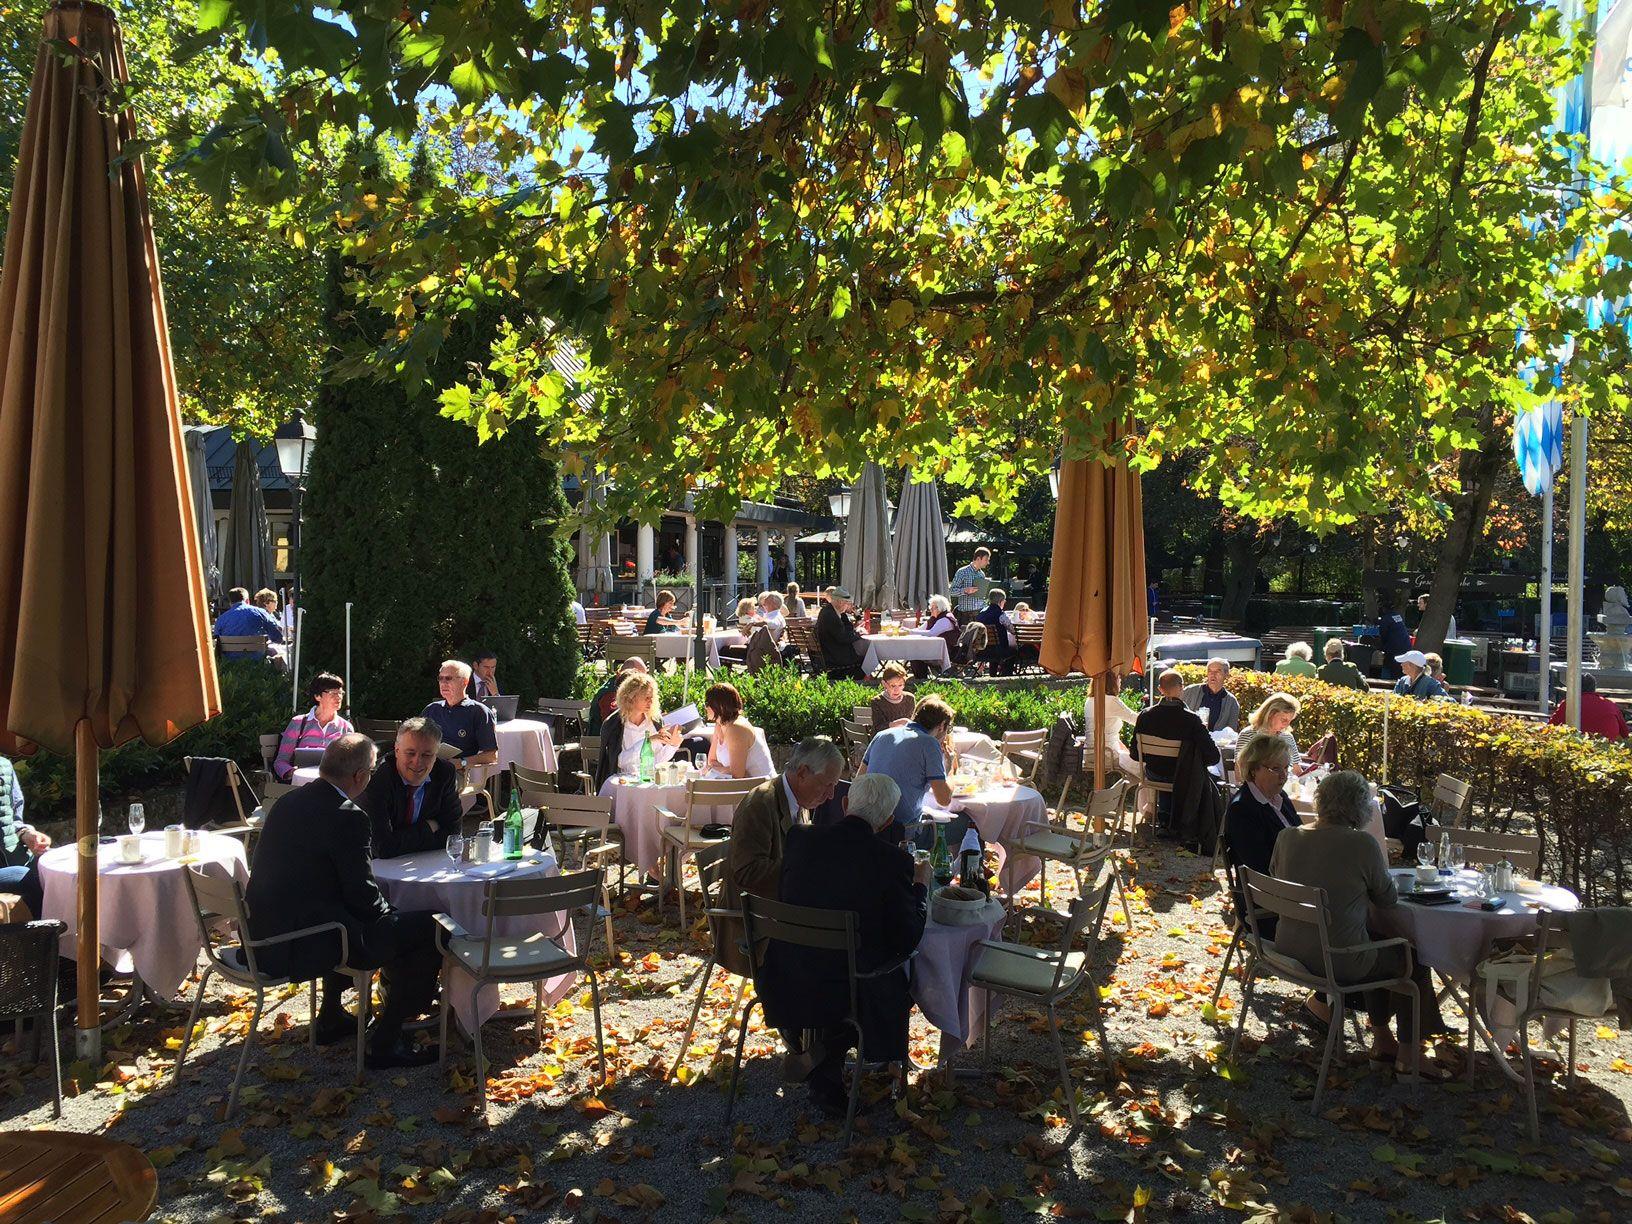 Sunshine Seehaus Im Englischen Garten In Munich More Pics Www Kuffler De Englischer Garten Garten Restaurant Seehaus